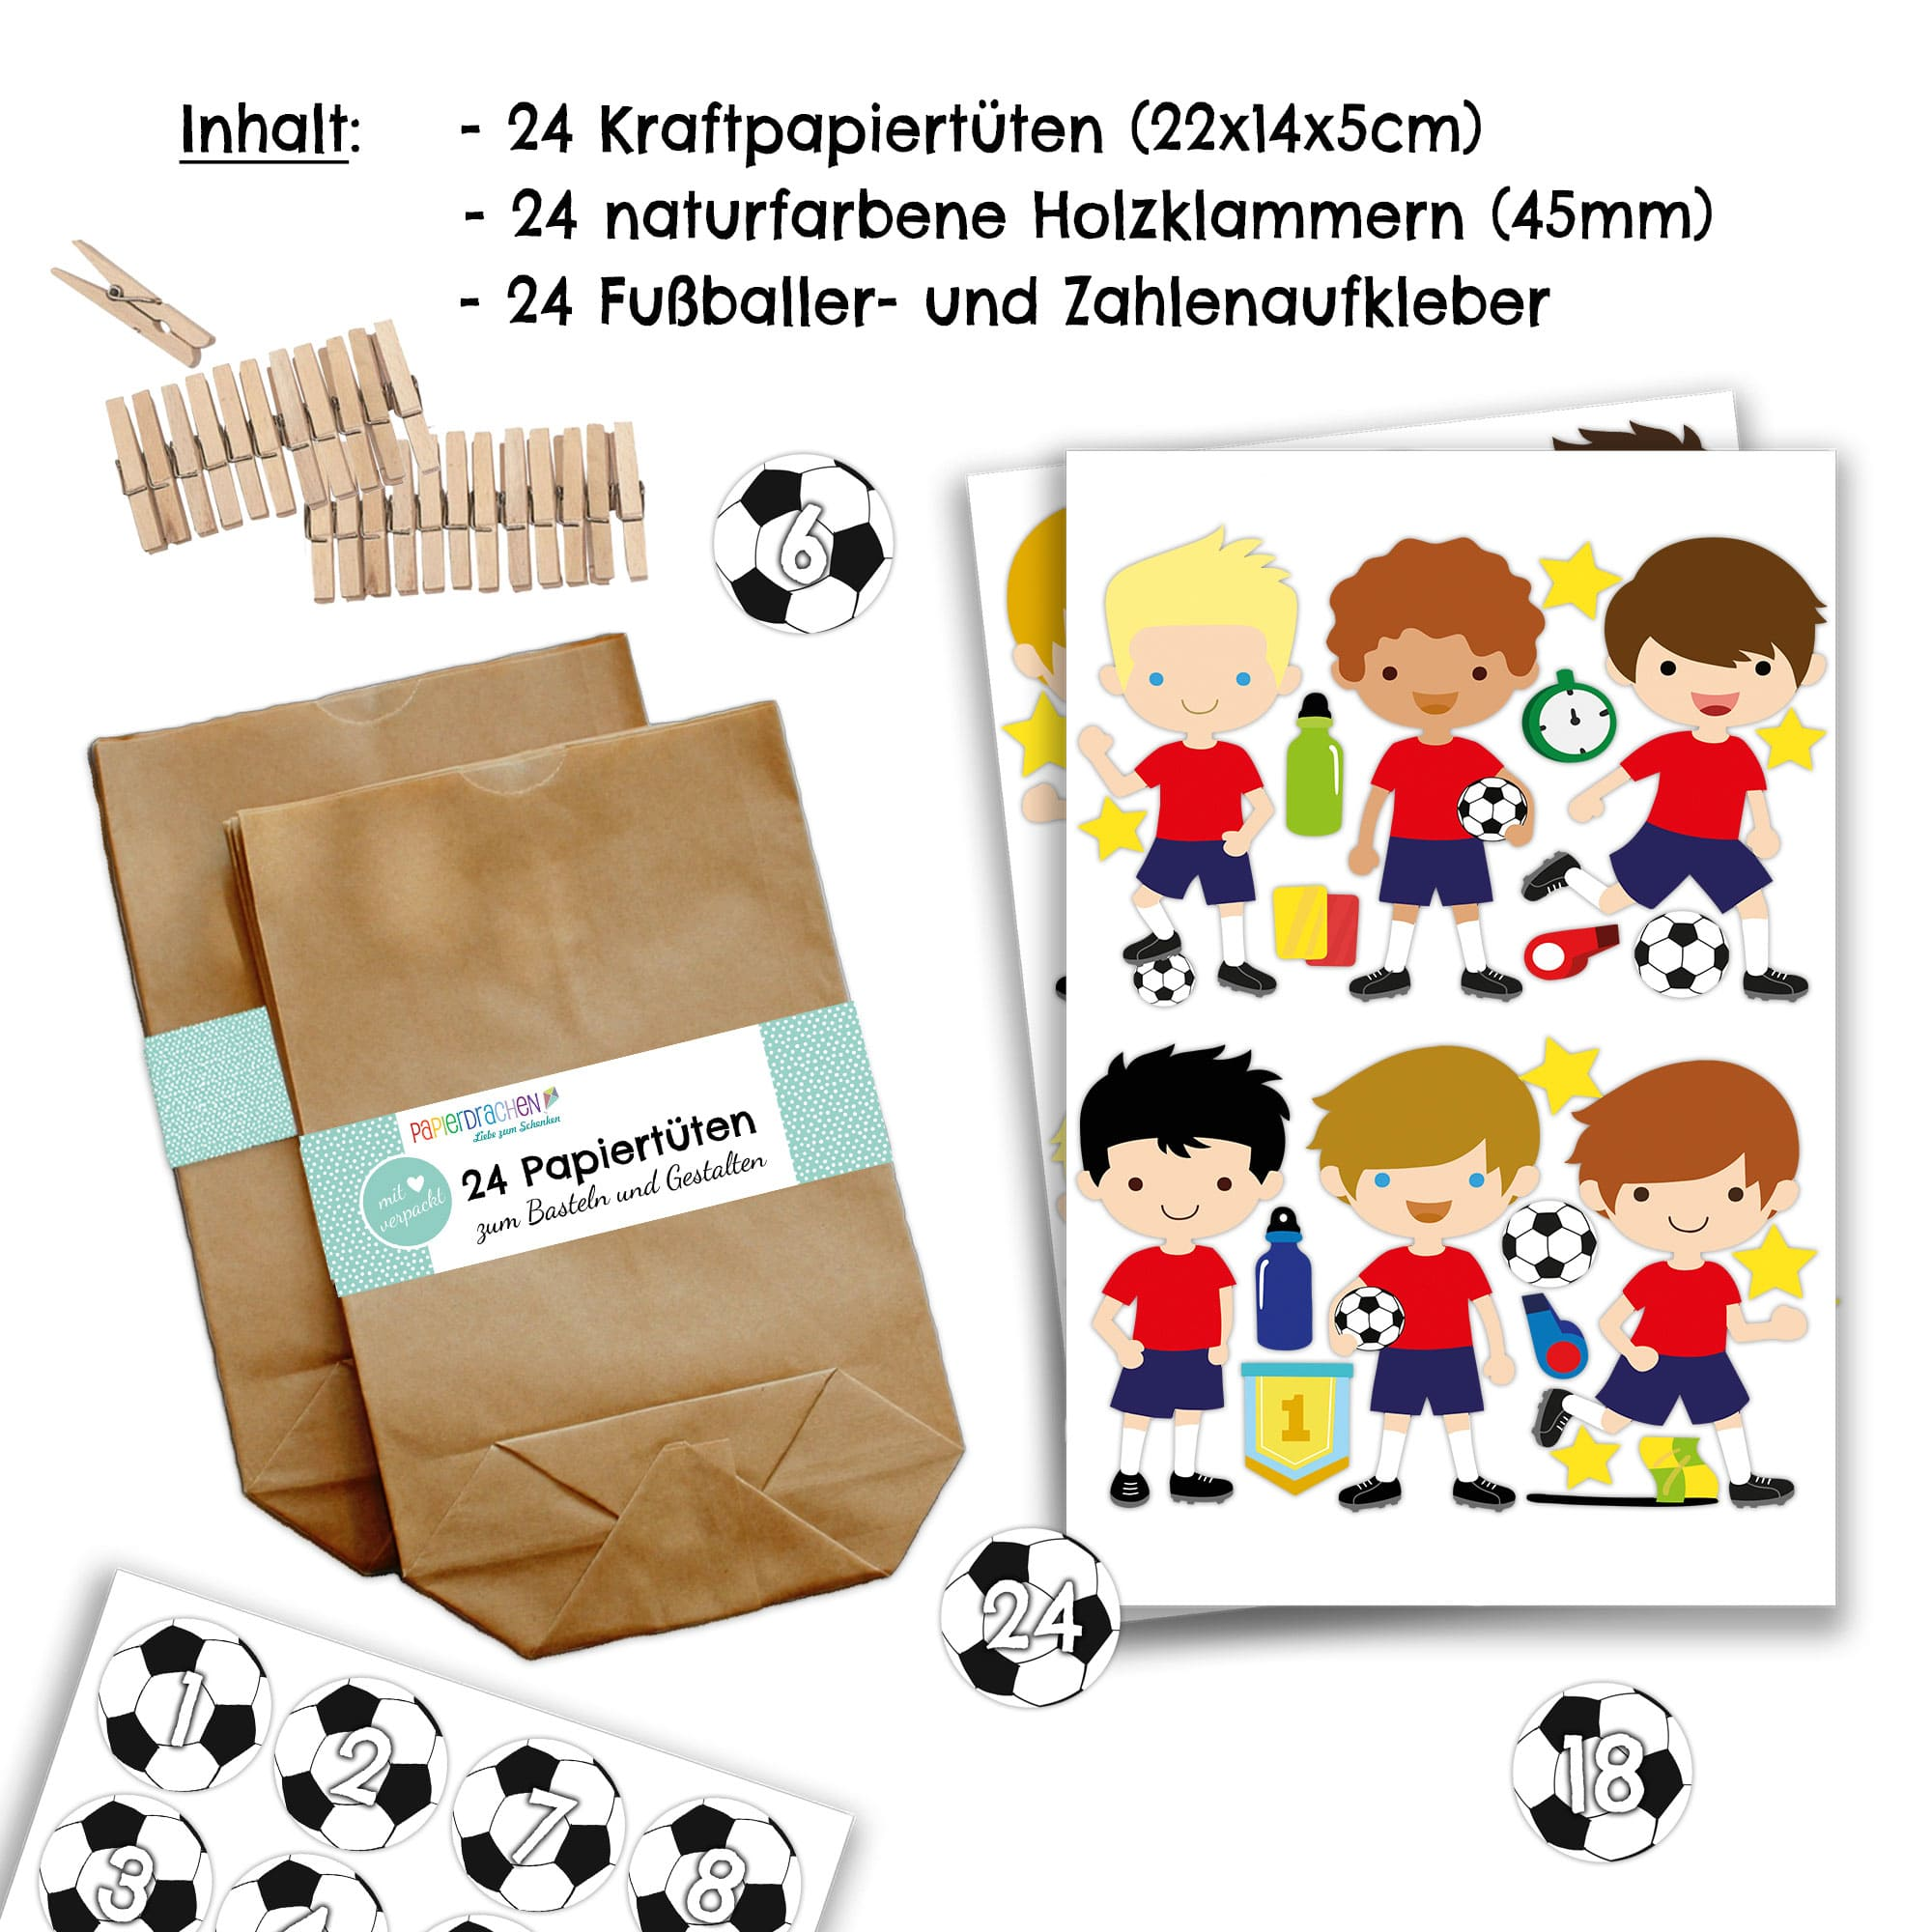 400 065 012 3 Adventskalender Online Tuten Bayern Kinder